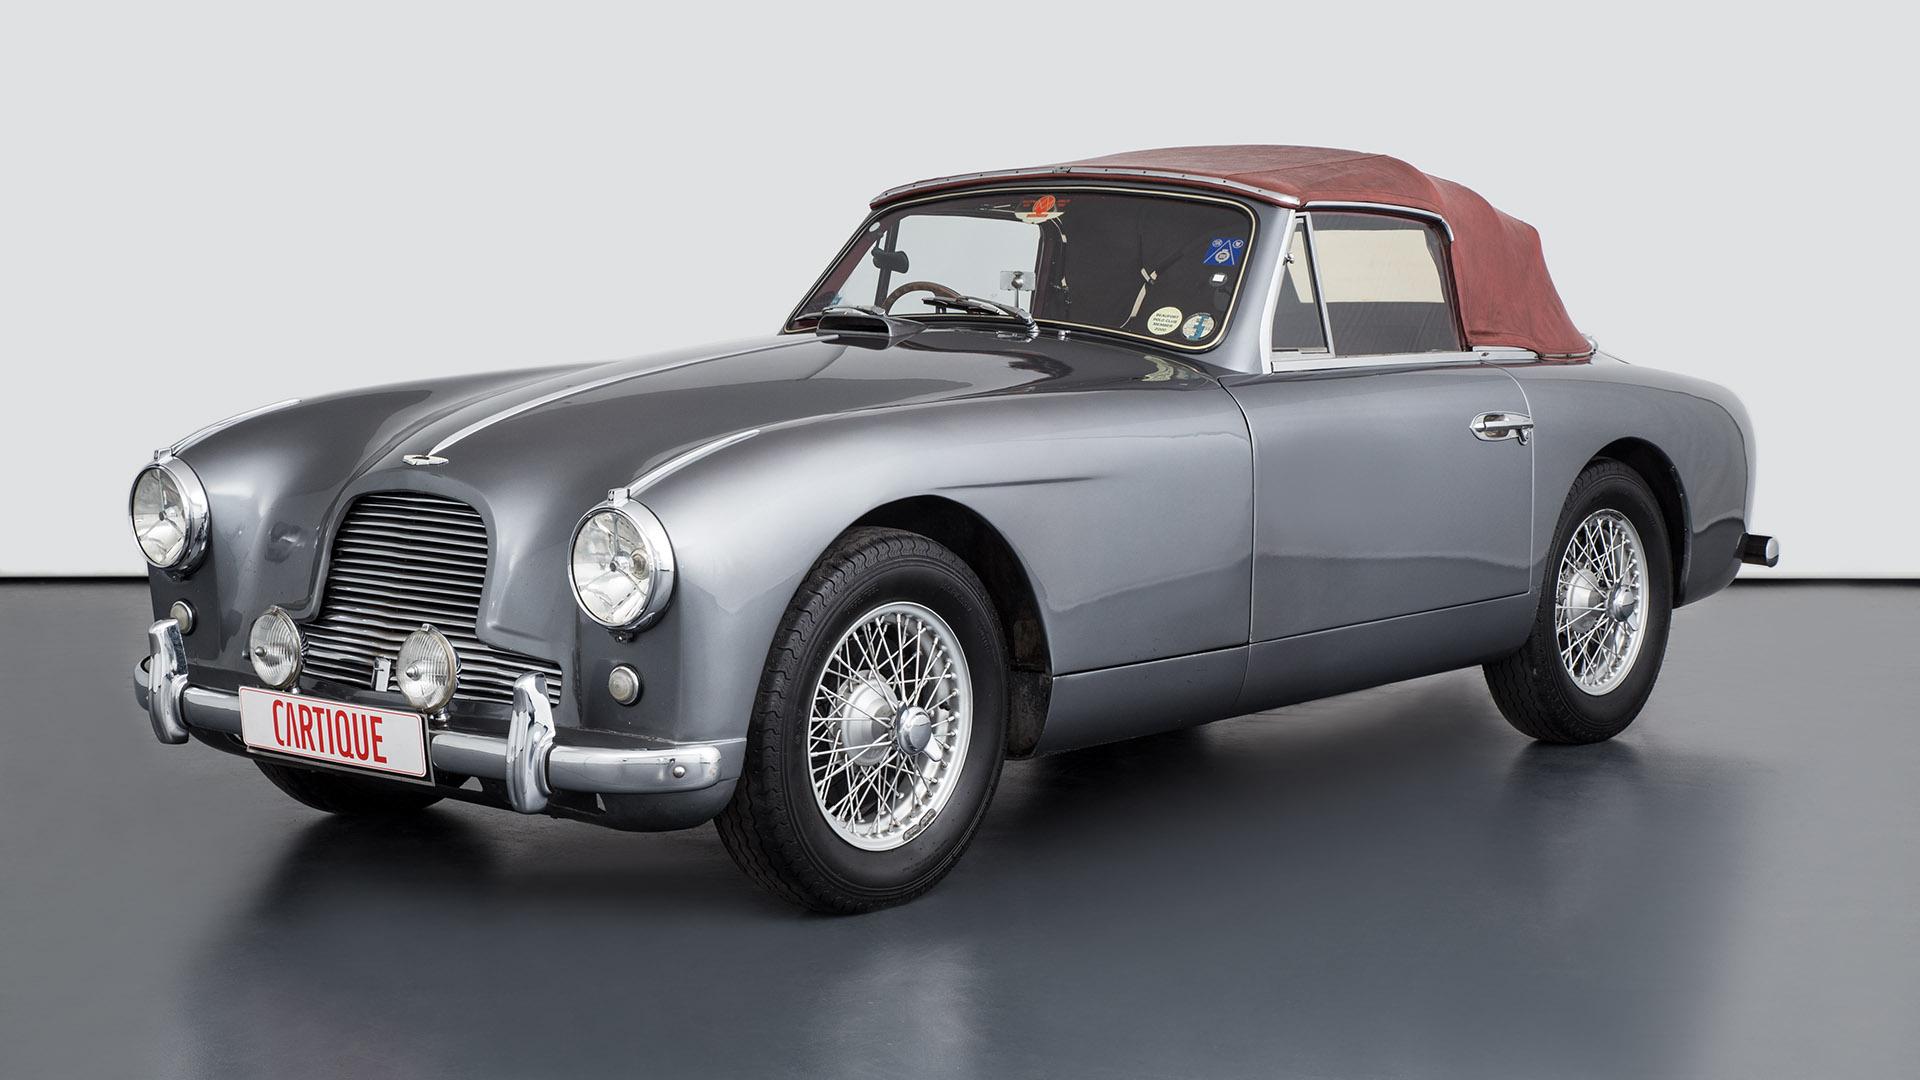 Aston Martin Db2 En Mechatronik Qualität Perfektion Und Leidenschaft